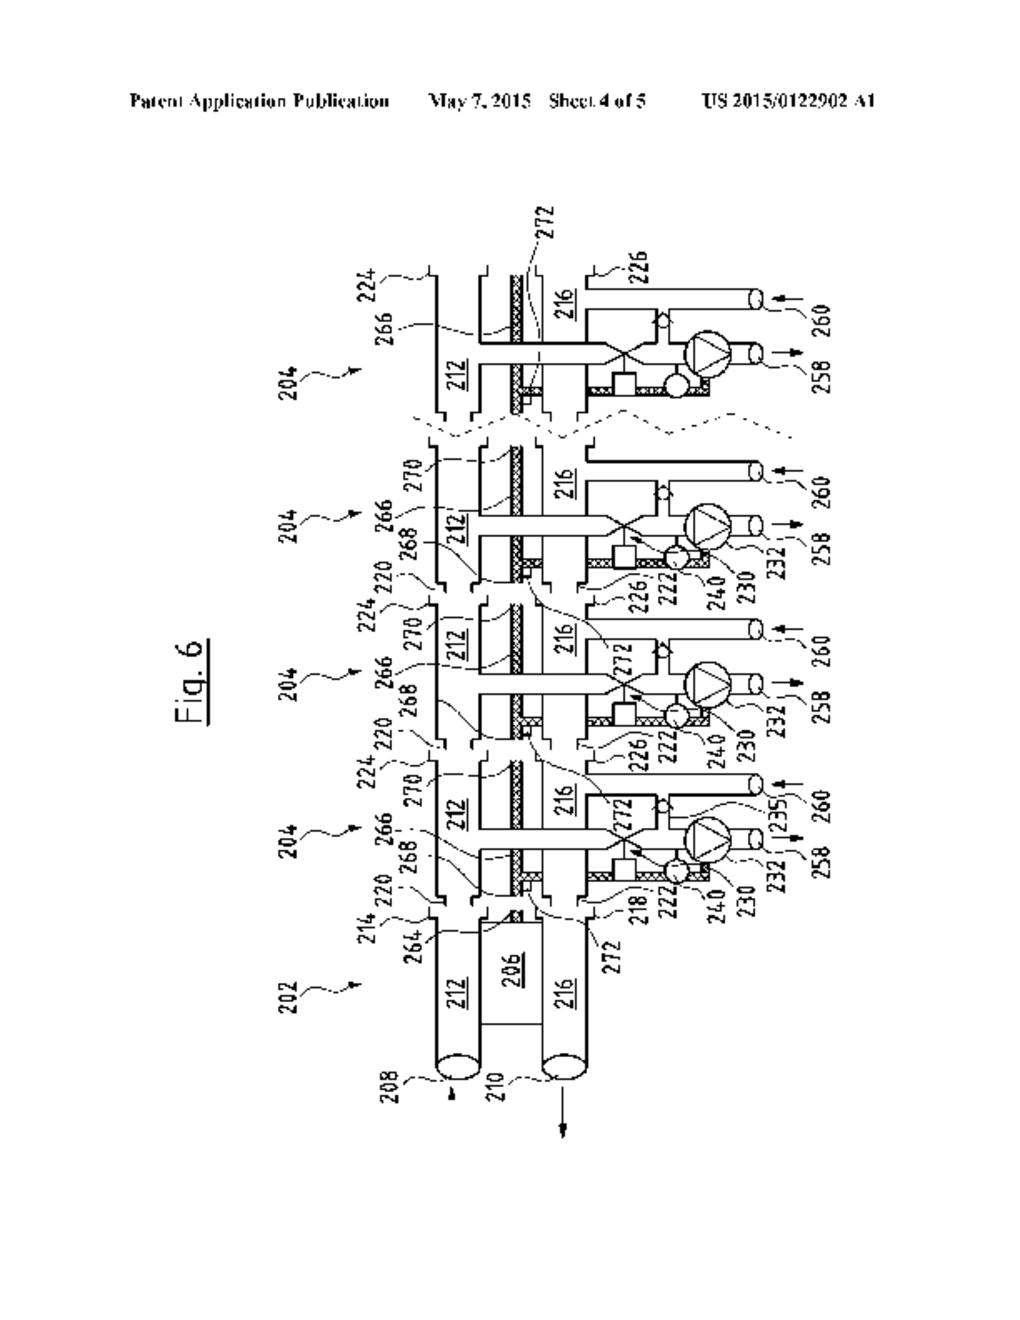 basic block diagram of hydraulic system